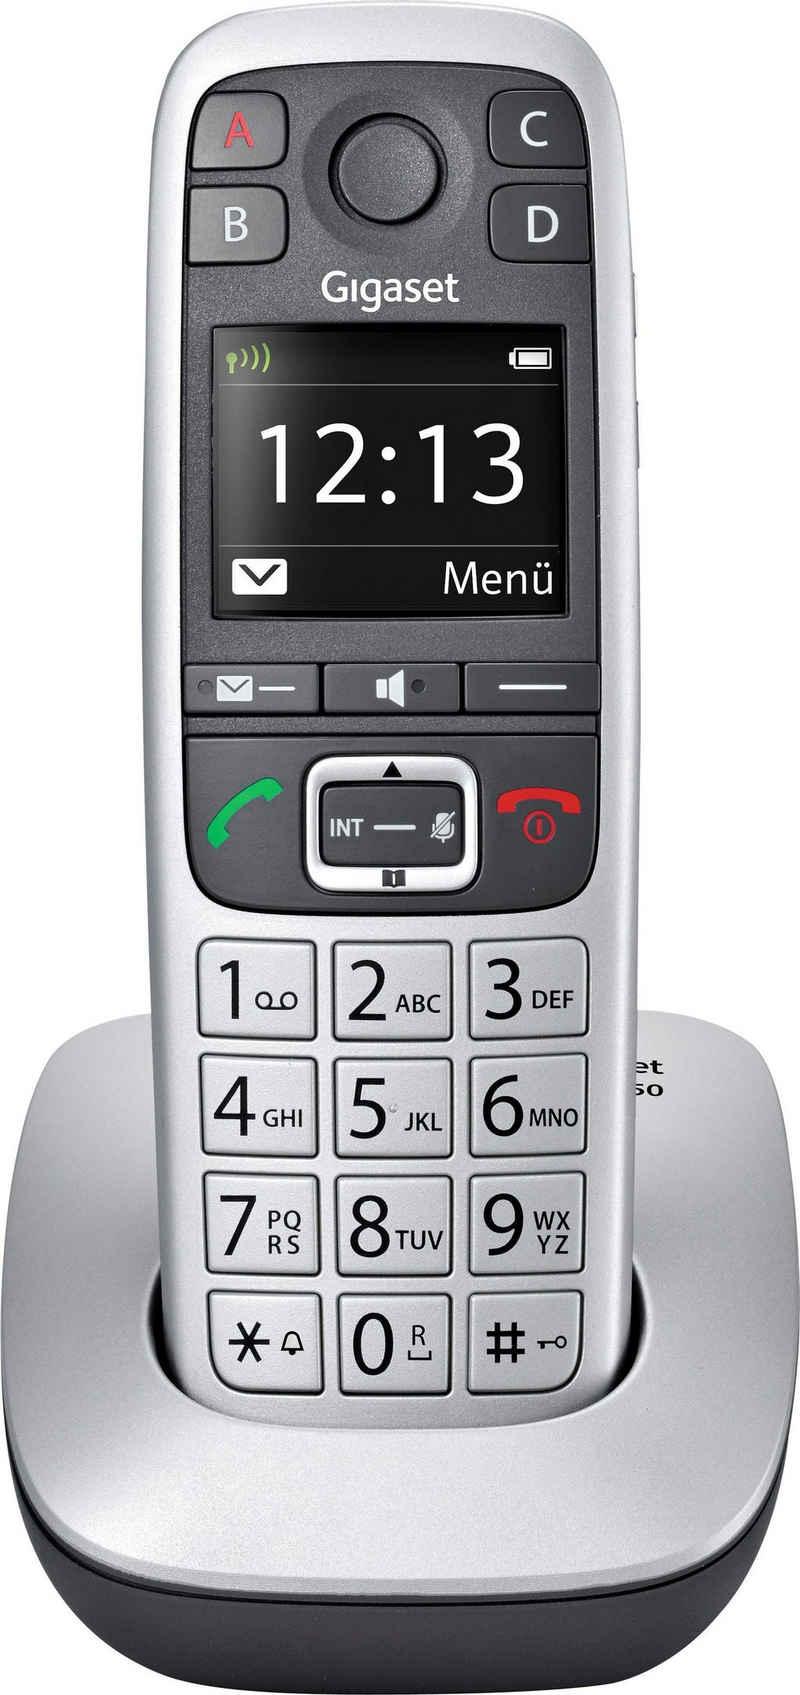 Gigaset »E560« Schnurloses DECT-Telefon (Mobilteile: 1, Weckfunktion, Freisprechen)